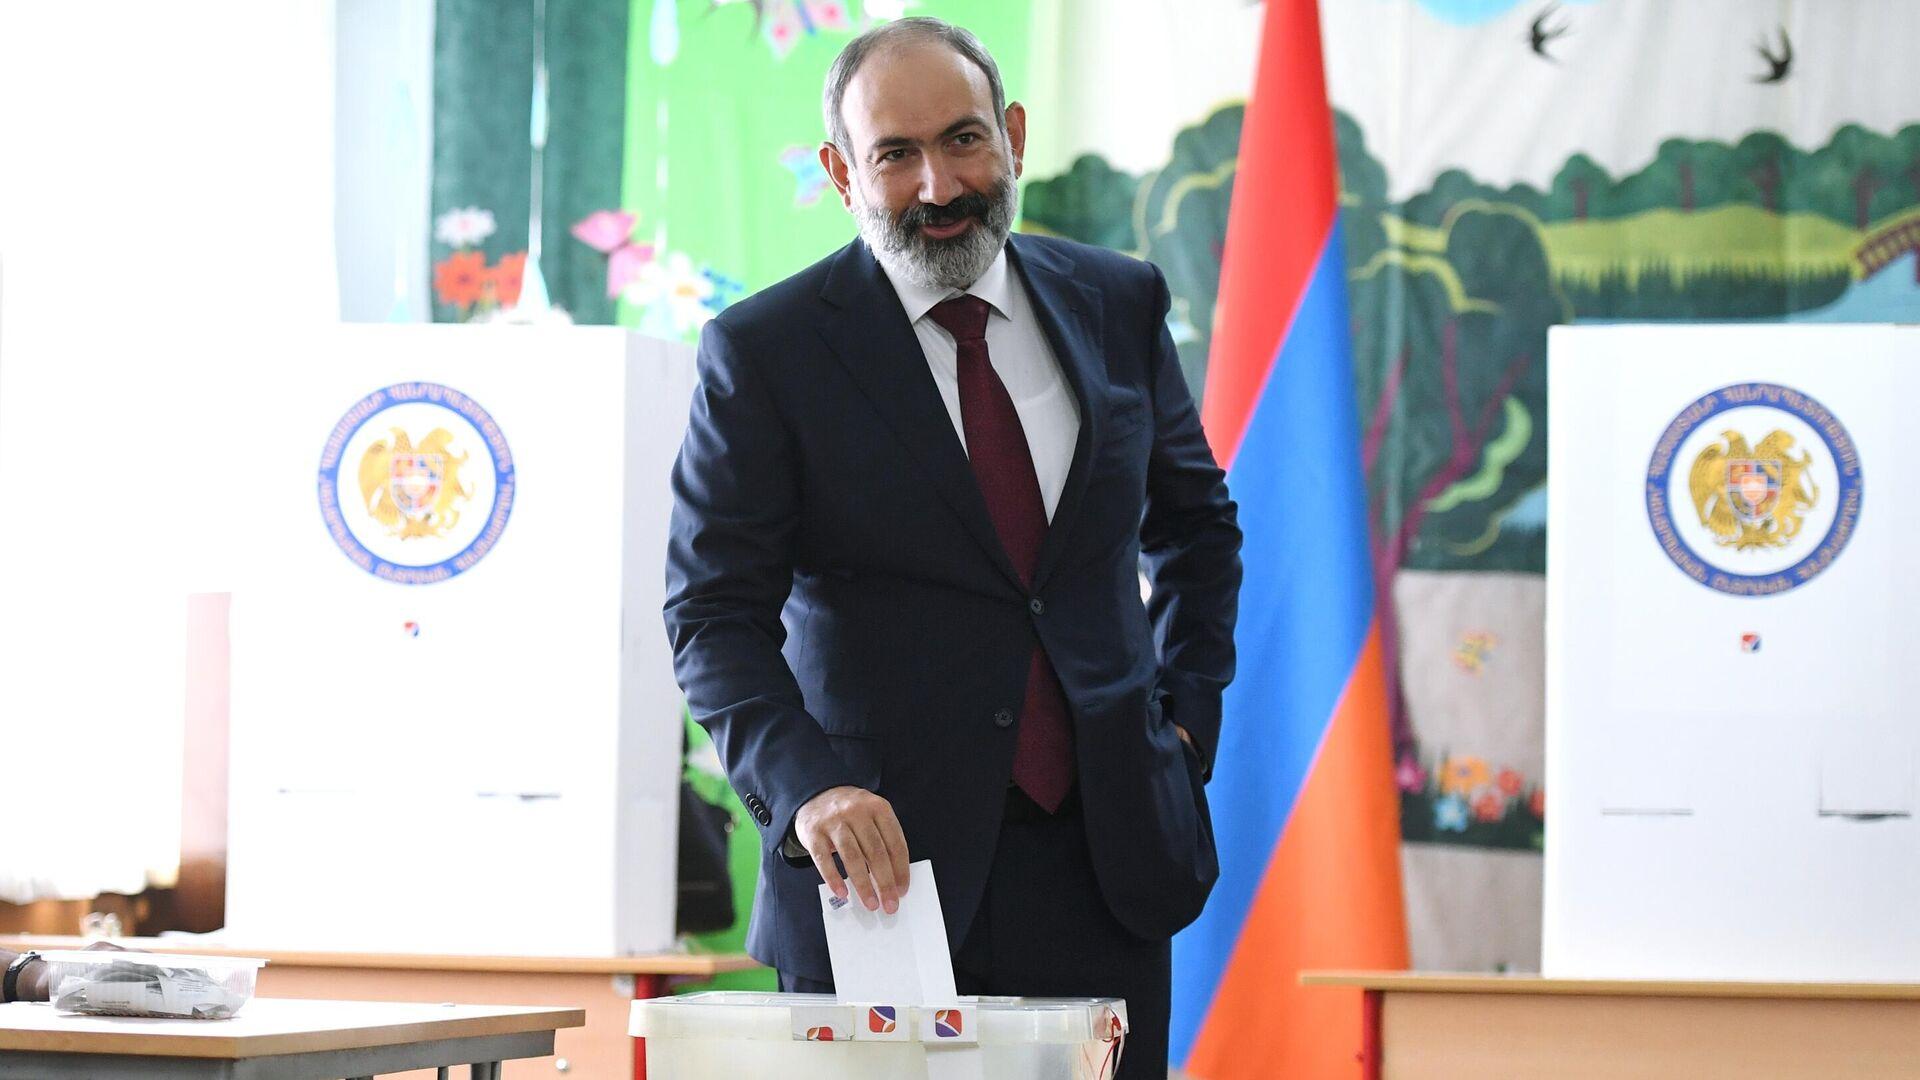 Исполняющий обязанности премьер-министра Никол Пашинян в одном из избирательных участков во время досрочных парламентских выборов в Армении - РИА Новости, 1920, 20.06.2021